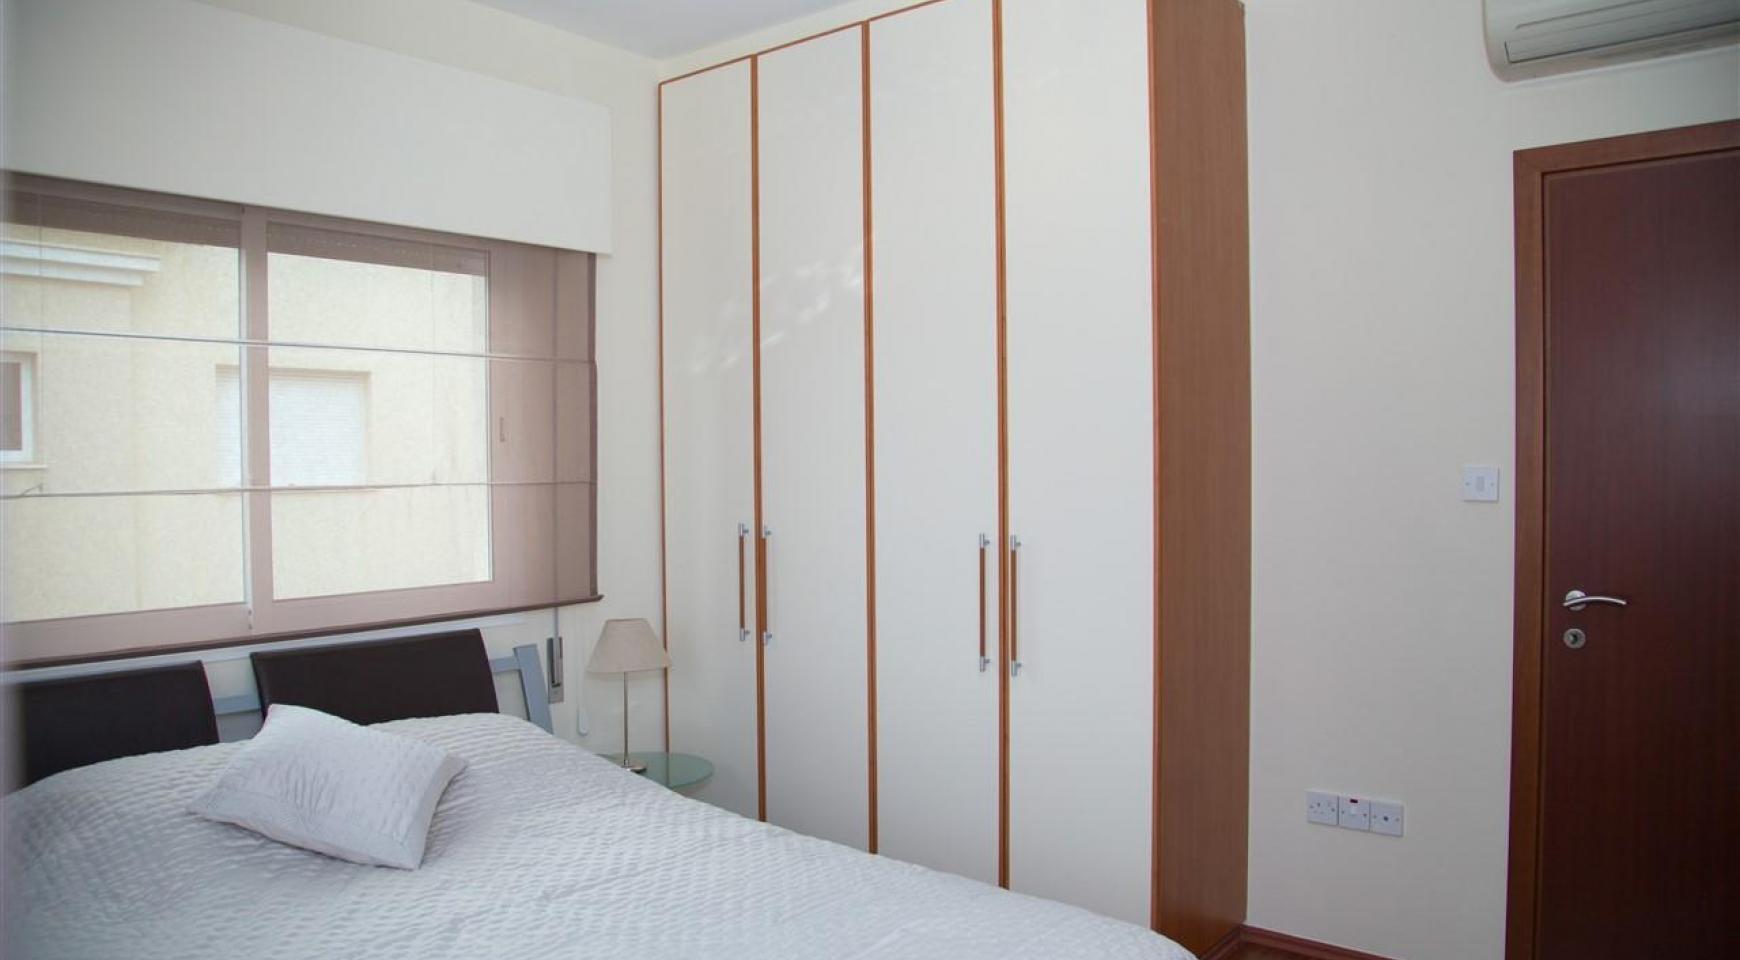 2-Спальная Квартира Mesogios Iris 304 в Комплексе у Моря - 14